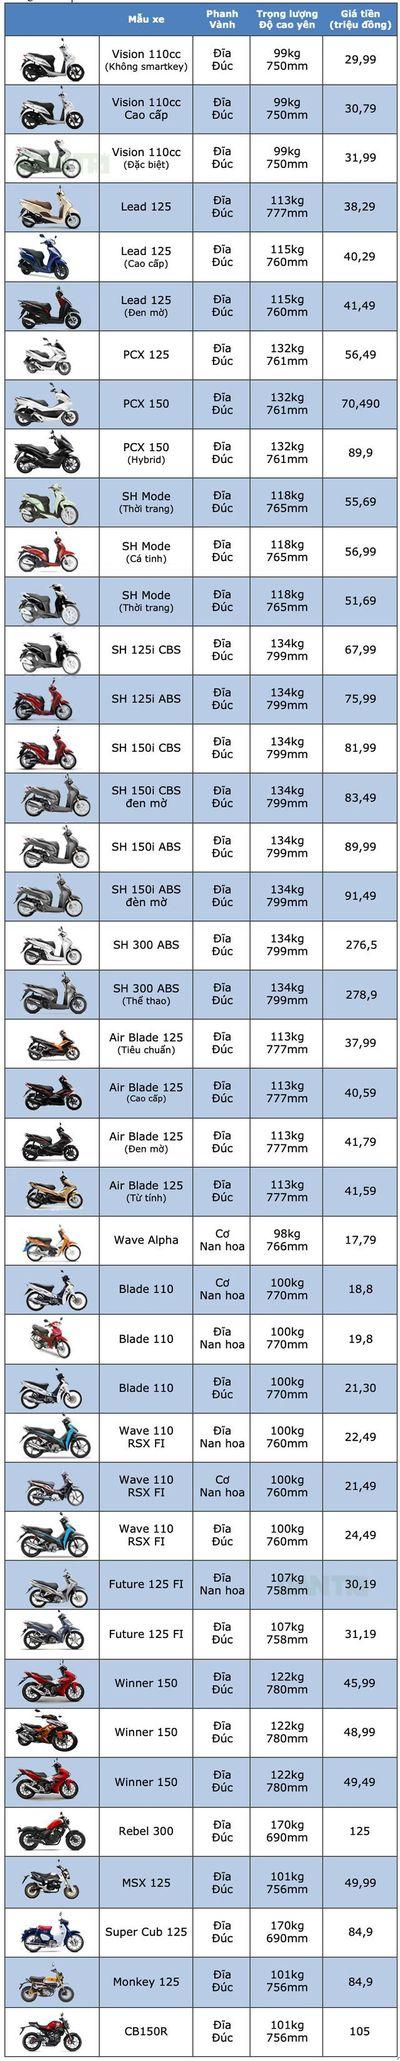 Bảng giá xe máy Honda mới nhất tháng 8/2019: SH 2019 đội giá từ 8 - 12 triệu đồng - ảnh 1